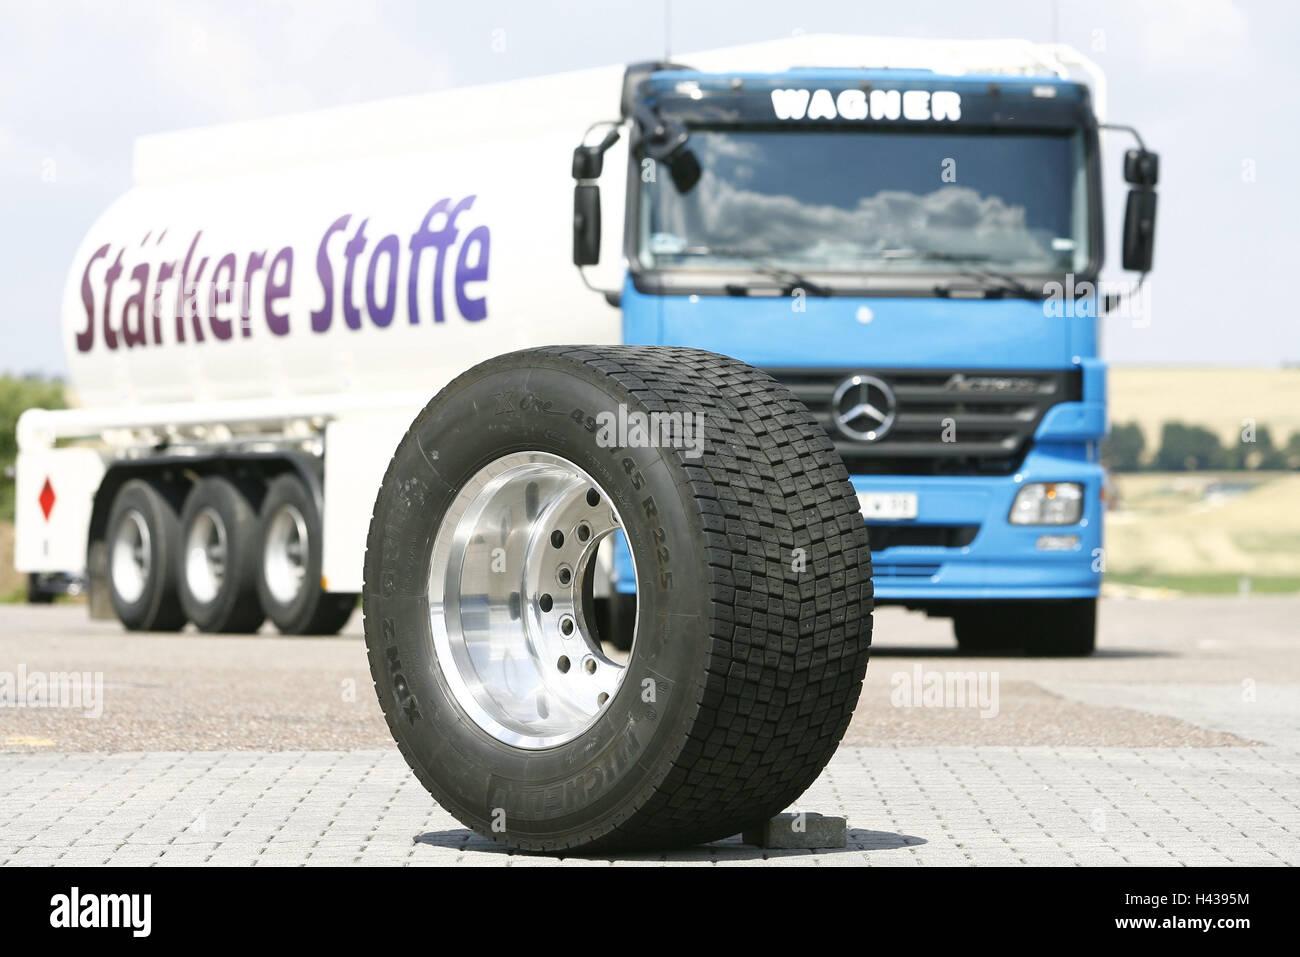 Parking lot, tank truck, truck tyre, tank vice, truck, tanker, truck, tyre, Michelin, radian, wheel rim, - Stock Image